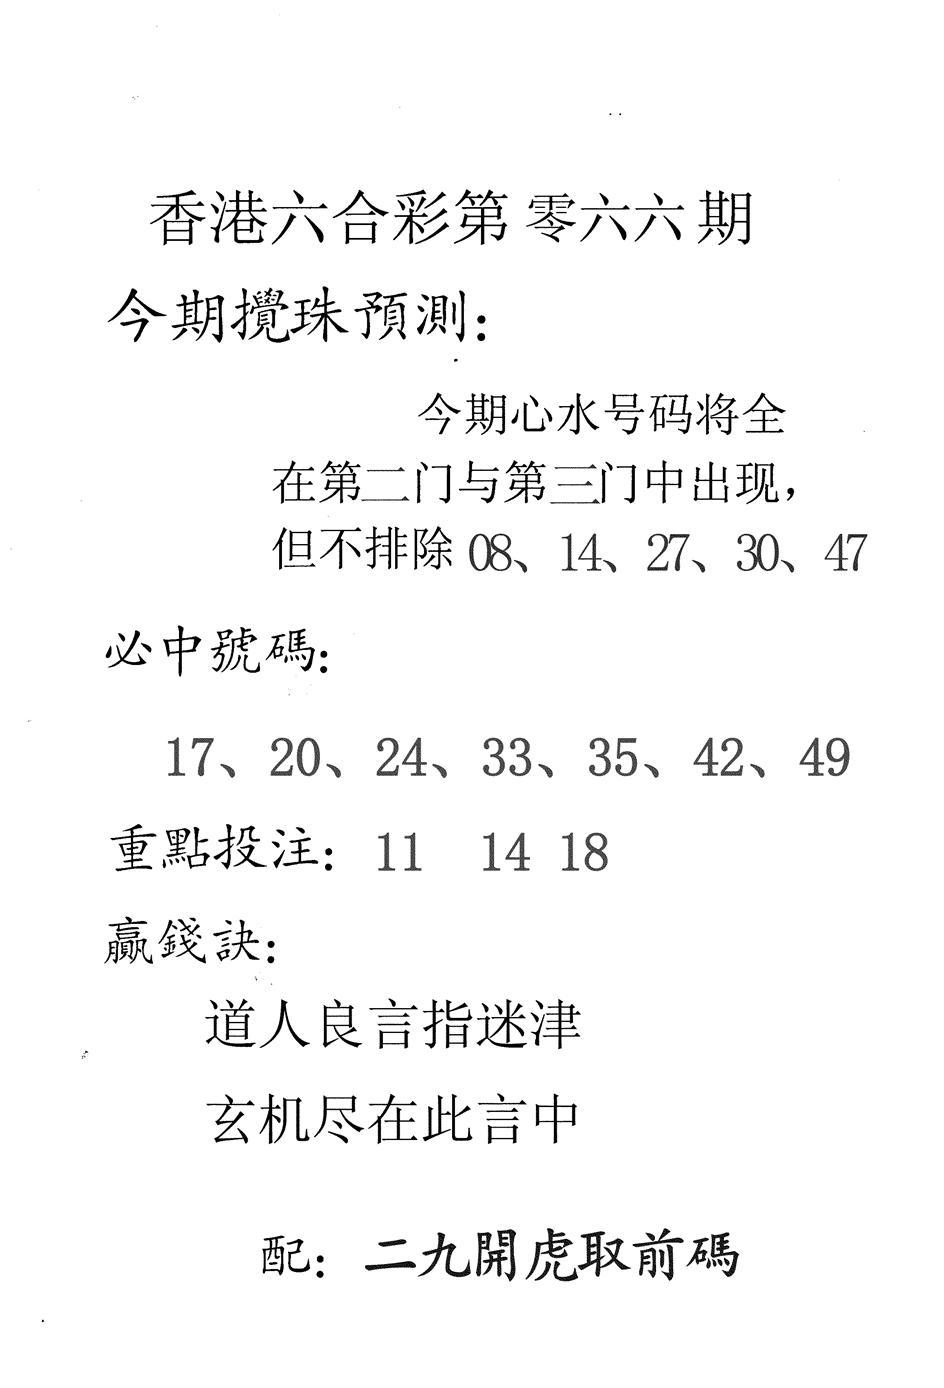 066期香港预测(黑白)